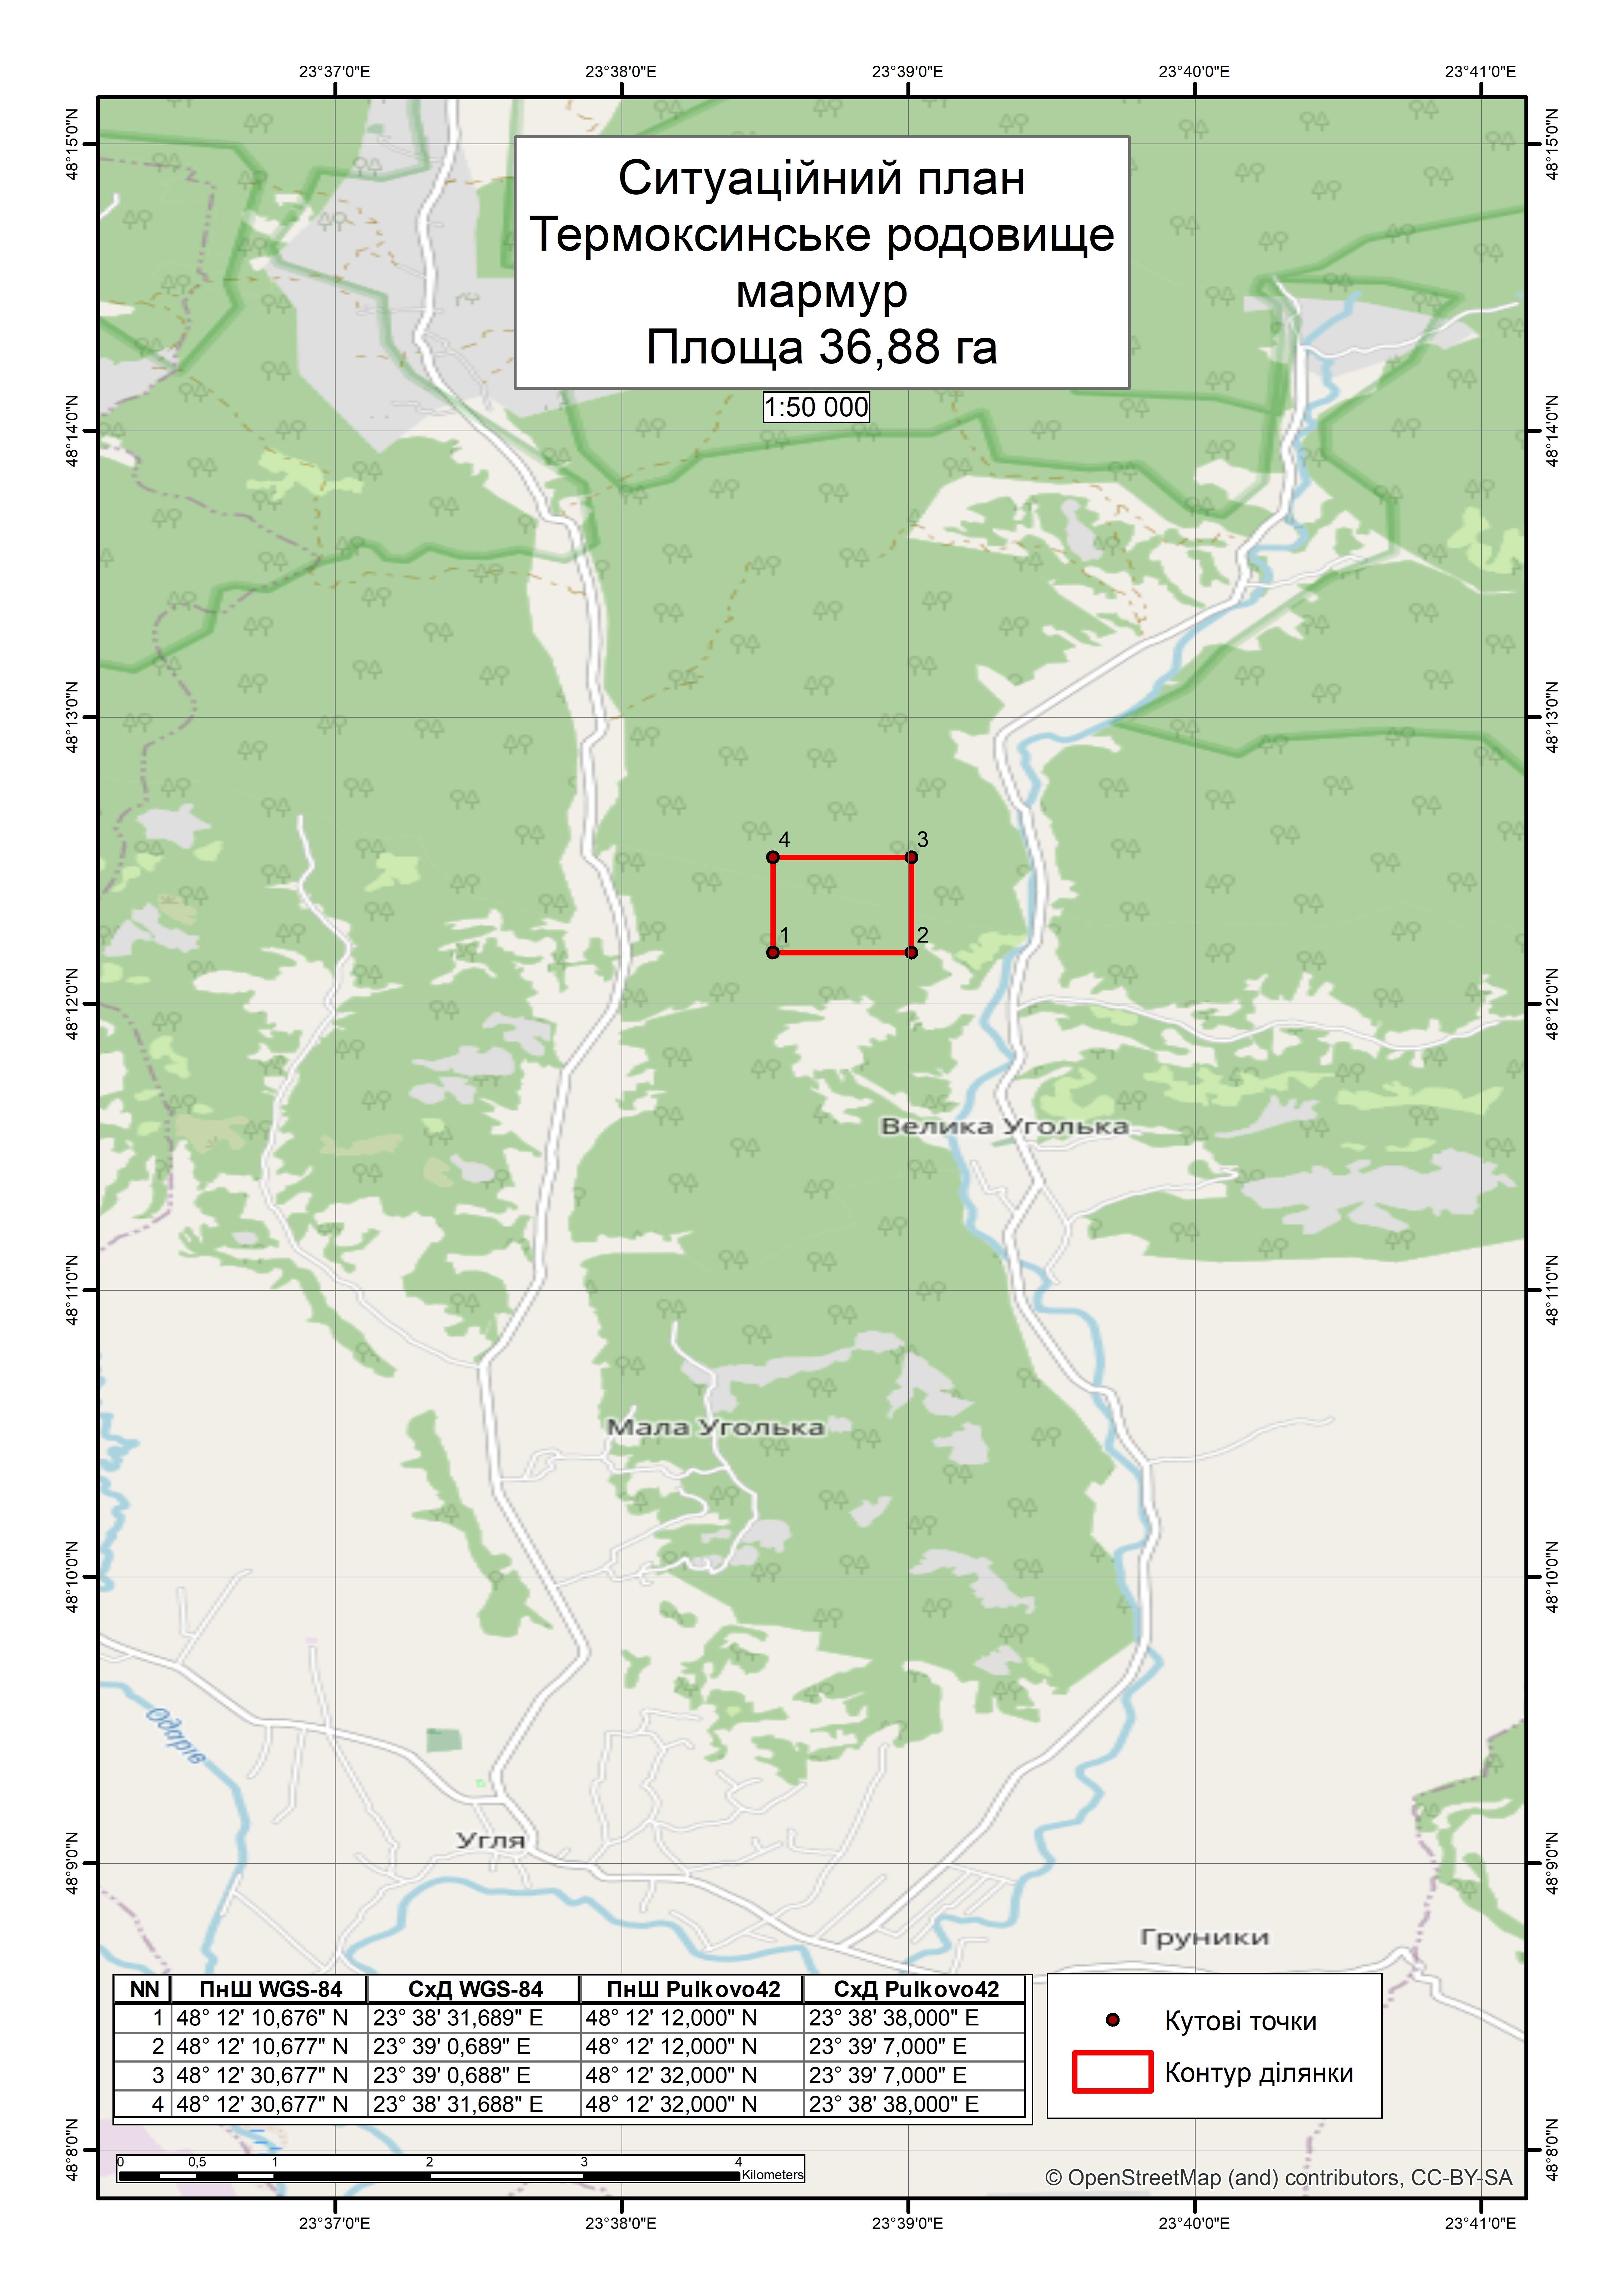 Спеціальний дозвіл на користування надрами – Термоксинське родовище. Вартість геологічної інформації – 84 188,02 грн (з ПДВ). Вартість пакету аукціонної документації – 26 878,92 грн (з ПДВ).